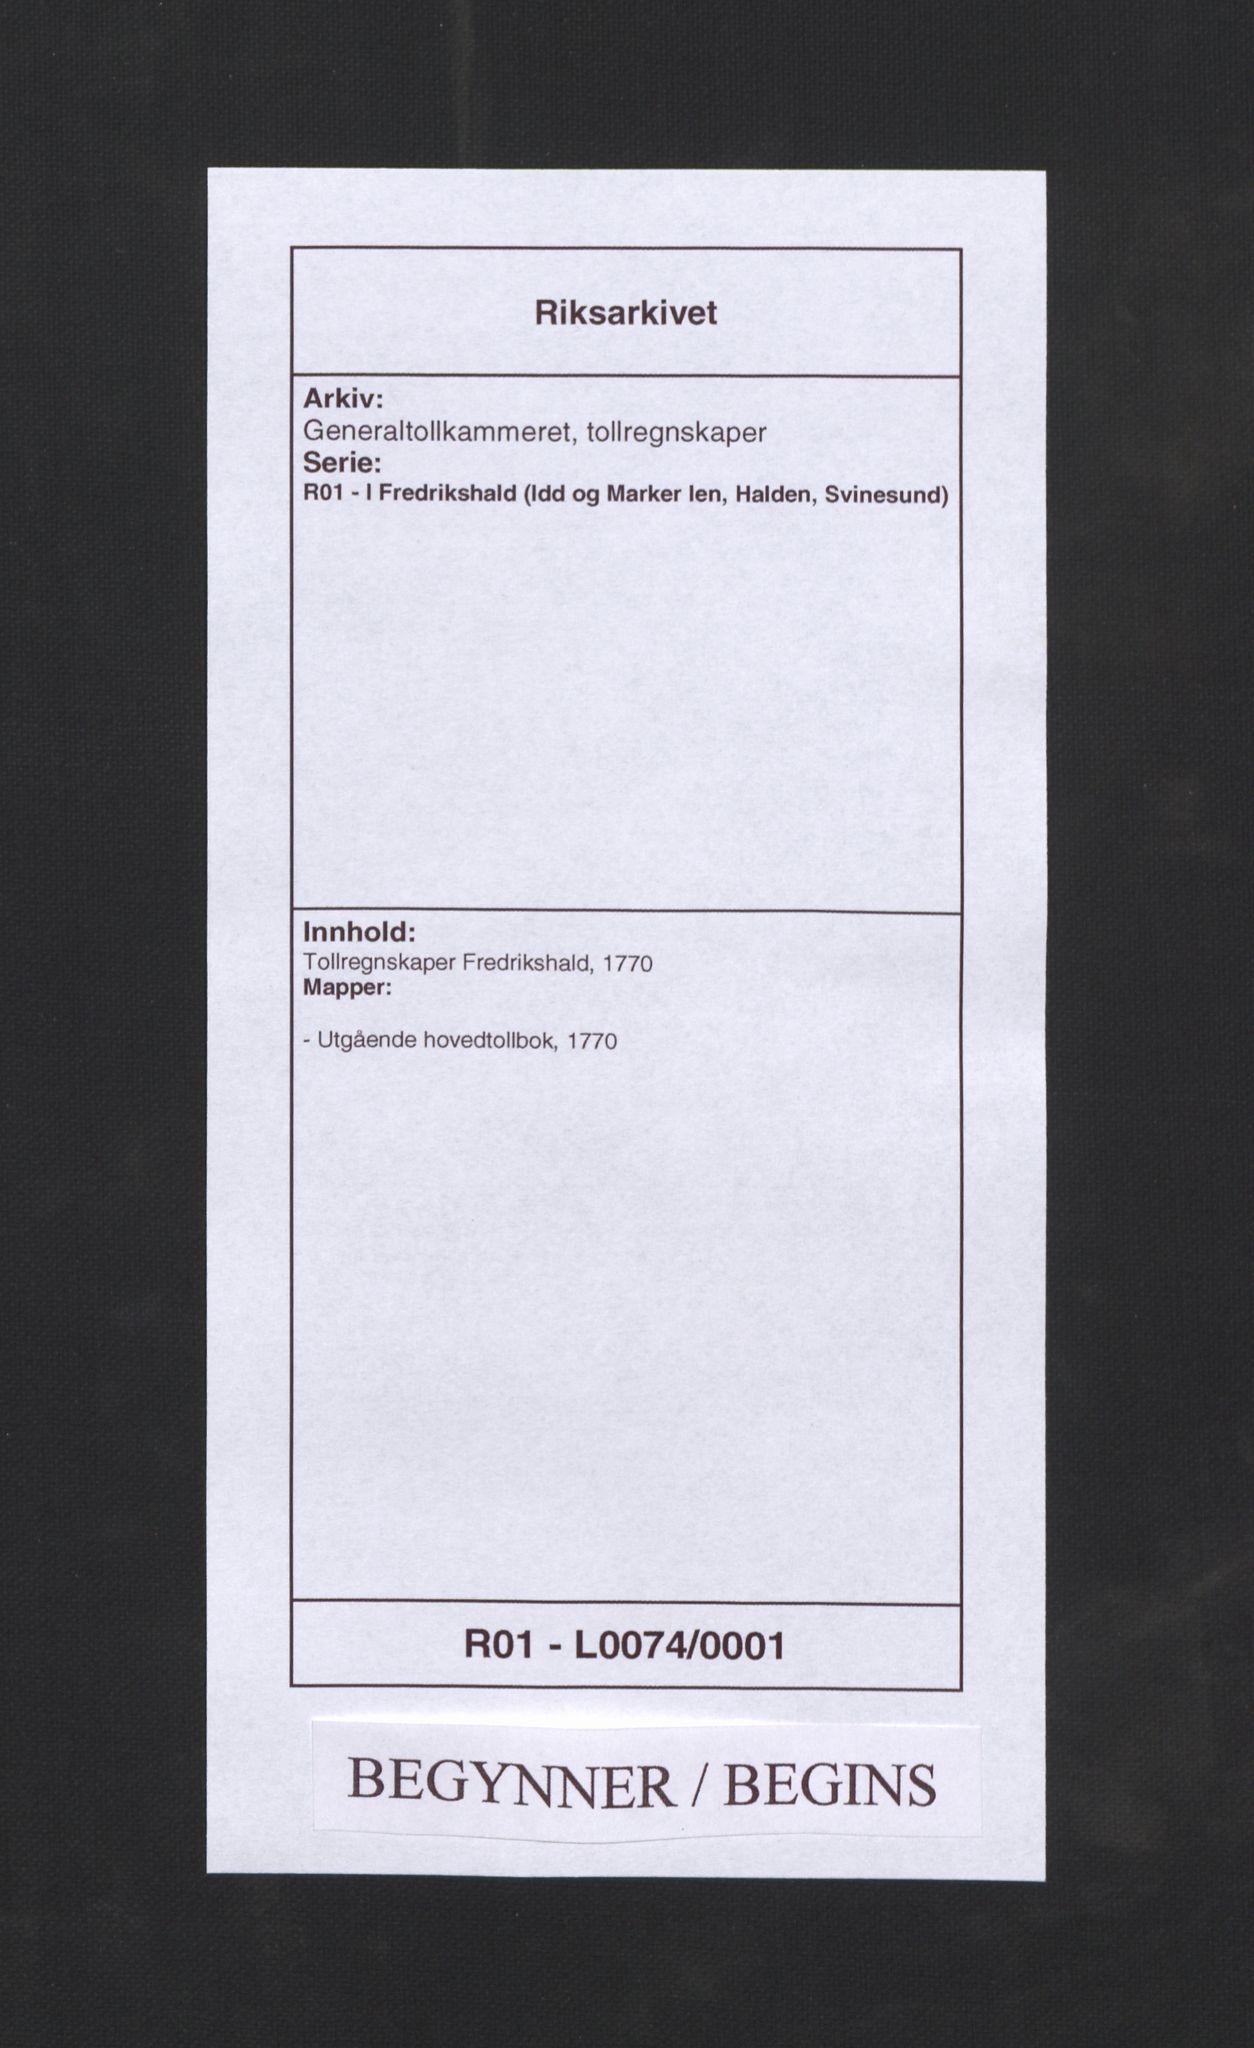 RA, Generaltollkammeret, tollregnskaper, R01/L0074: Tollregnskaper Fredrikshald, 1770